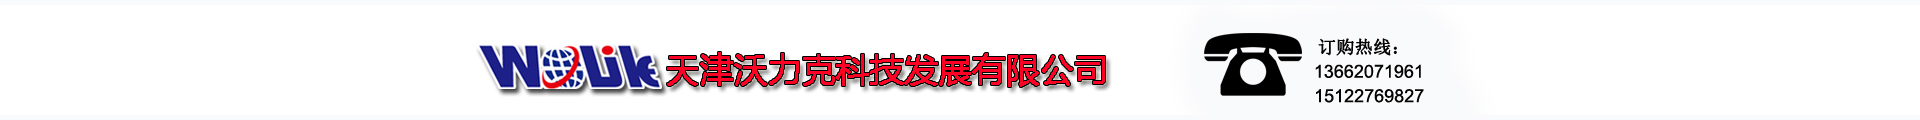 天津沃力克科技发展有限公司